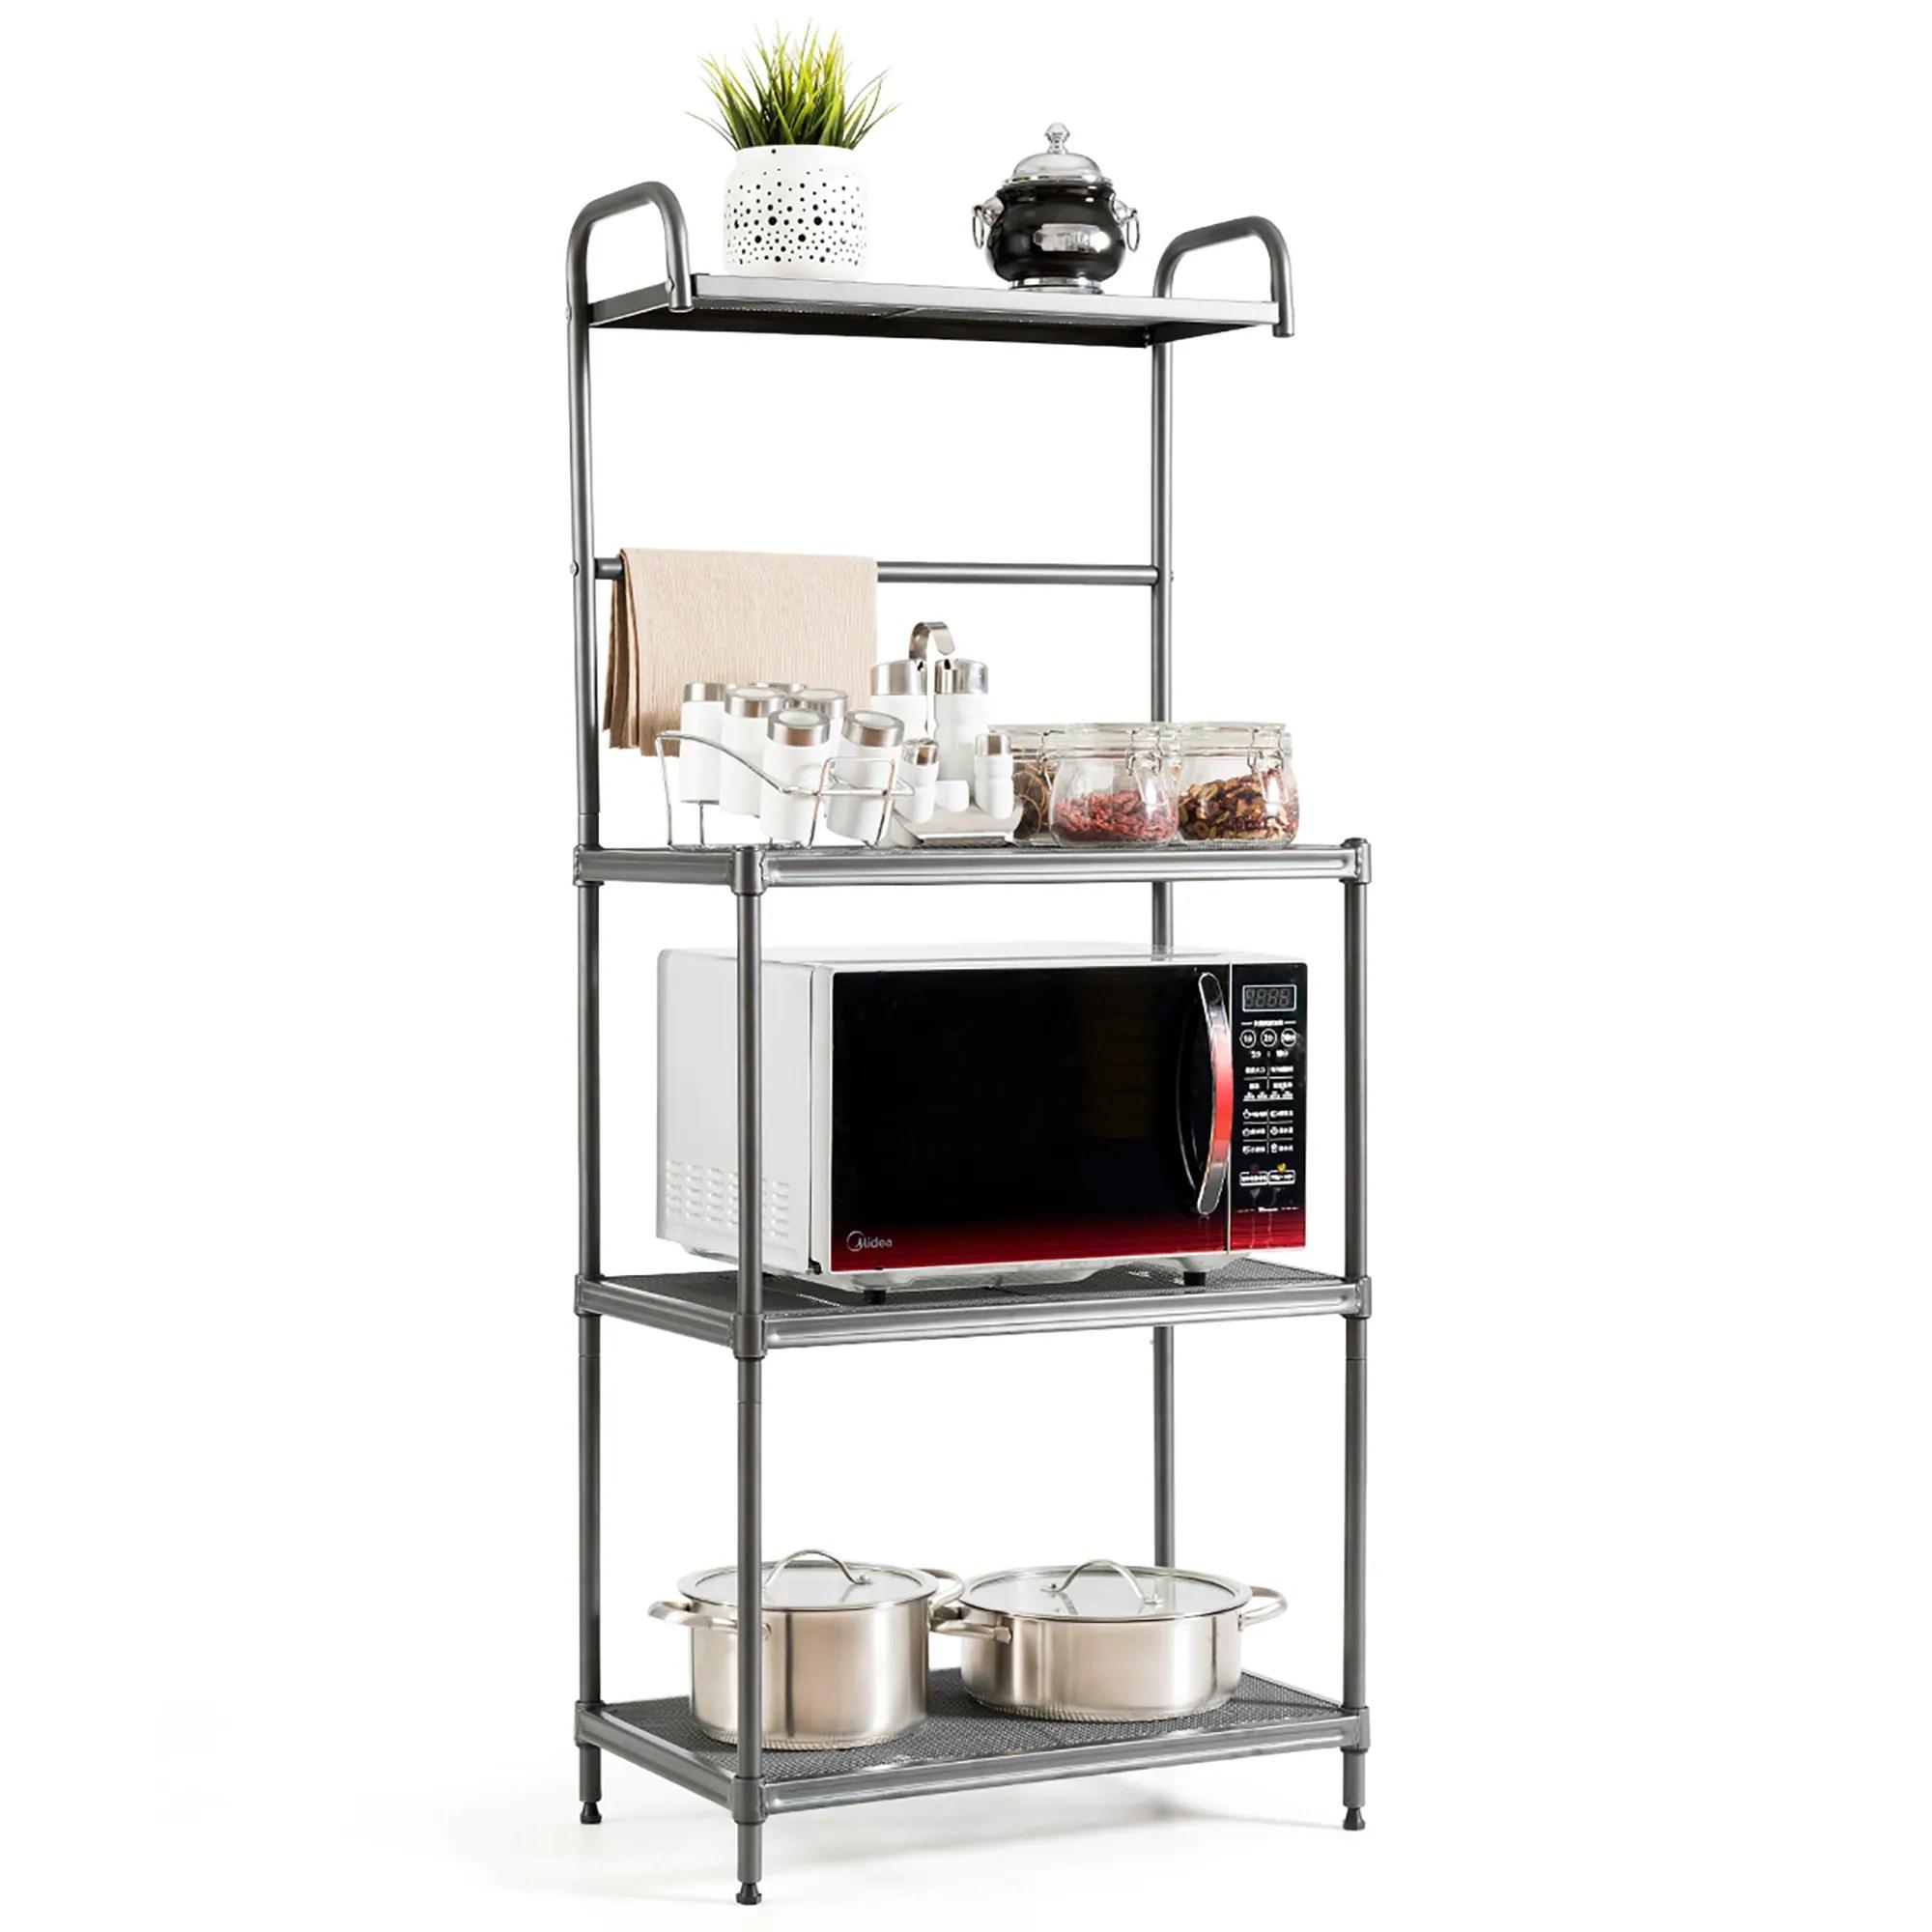 بيرث بلاكبورو لعب الرياضة متخصص free standing microwave cabinet